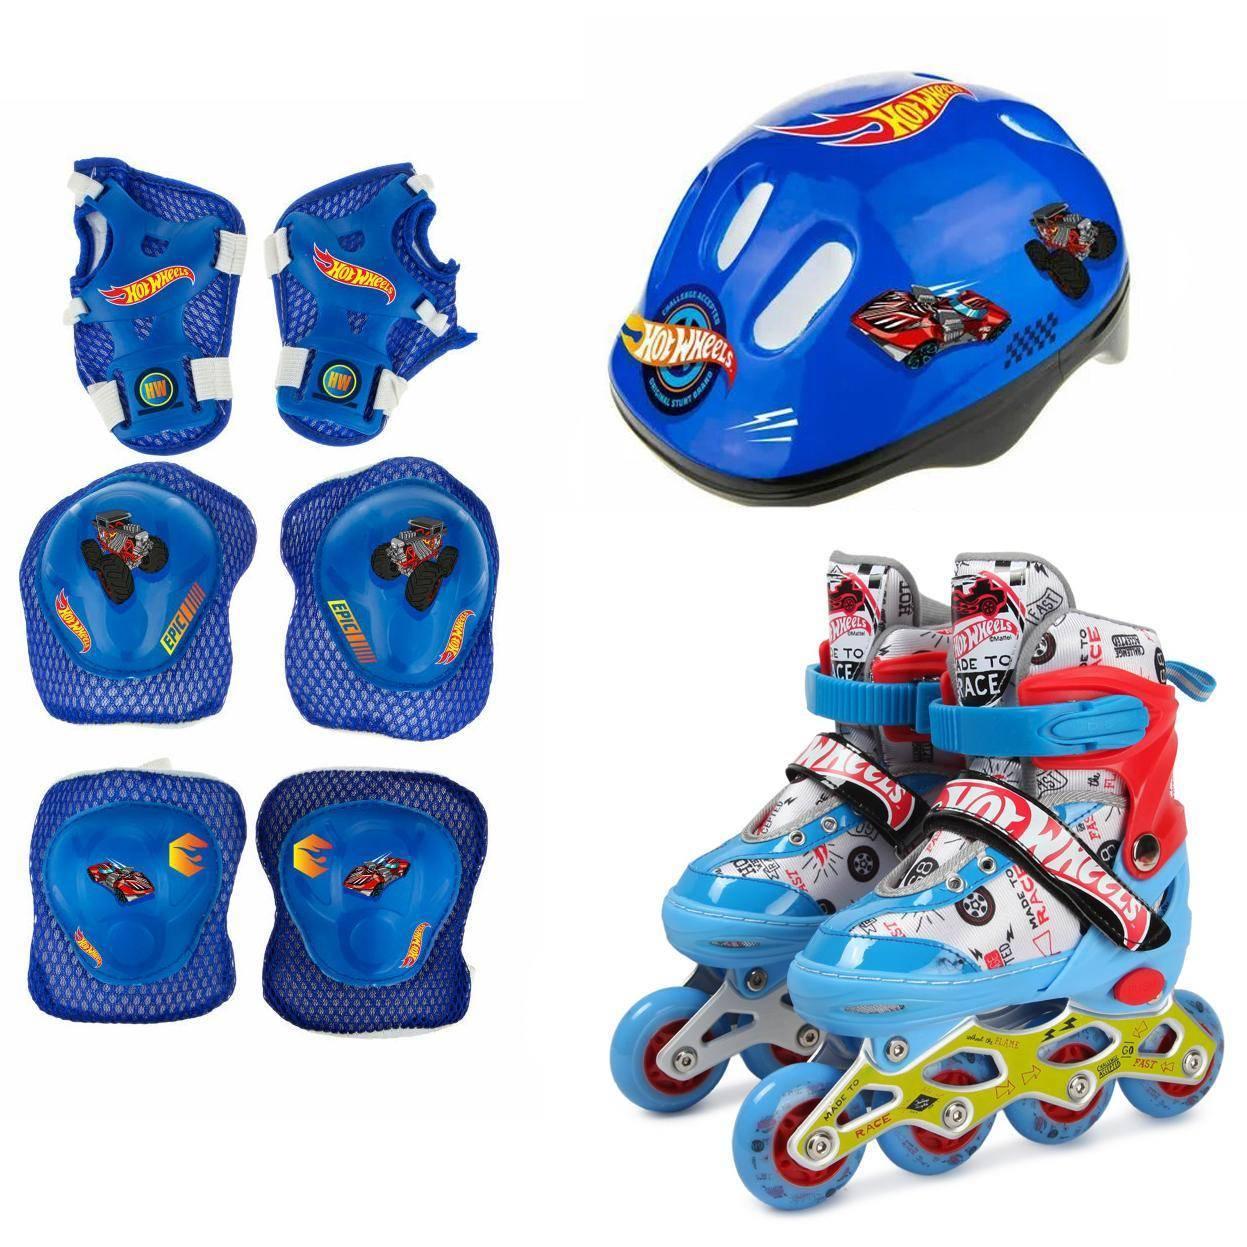 1toy Коньки роликовые Hot Wheels, колеса со светом, с защитой и шлемом, S (30-33) Т20000